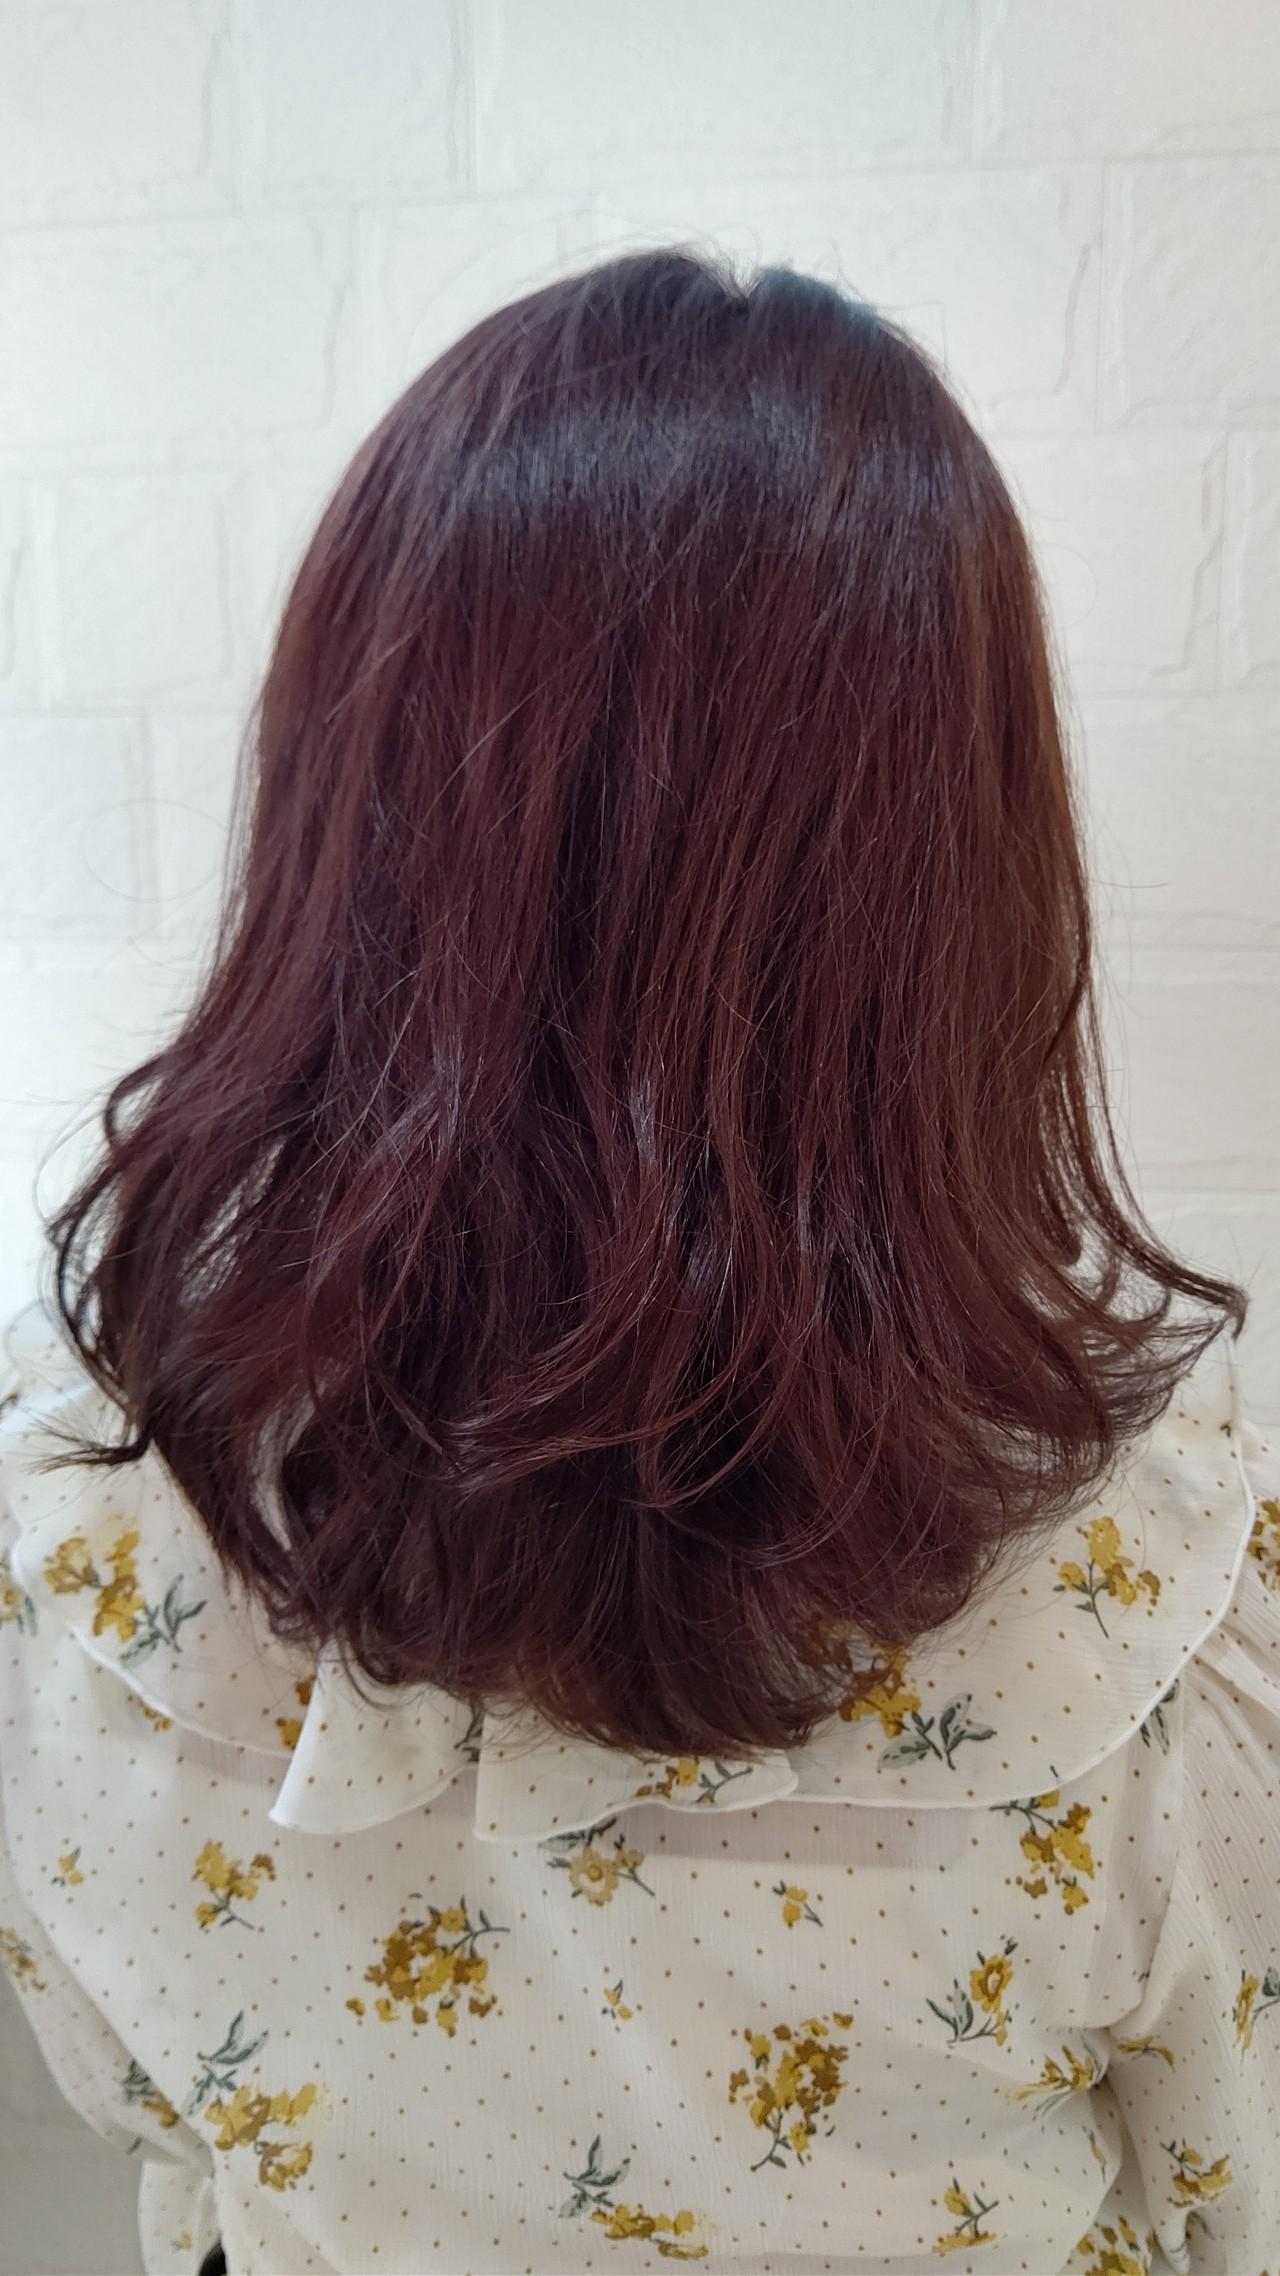 ナチュラル ツヤ髪 ミディアム 秋ヘアスタイルや髪型の写真・画像